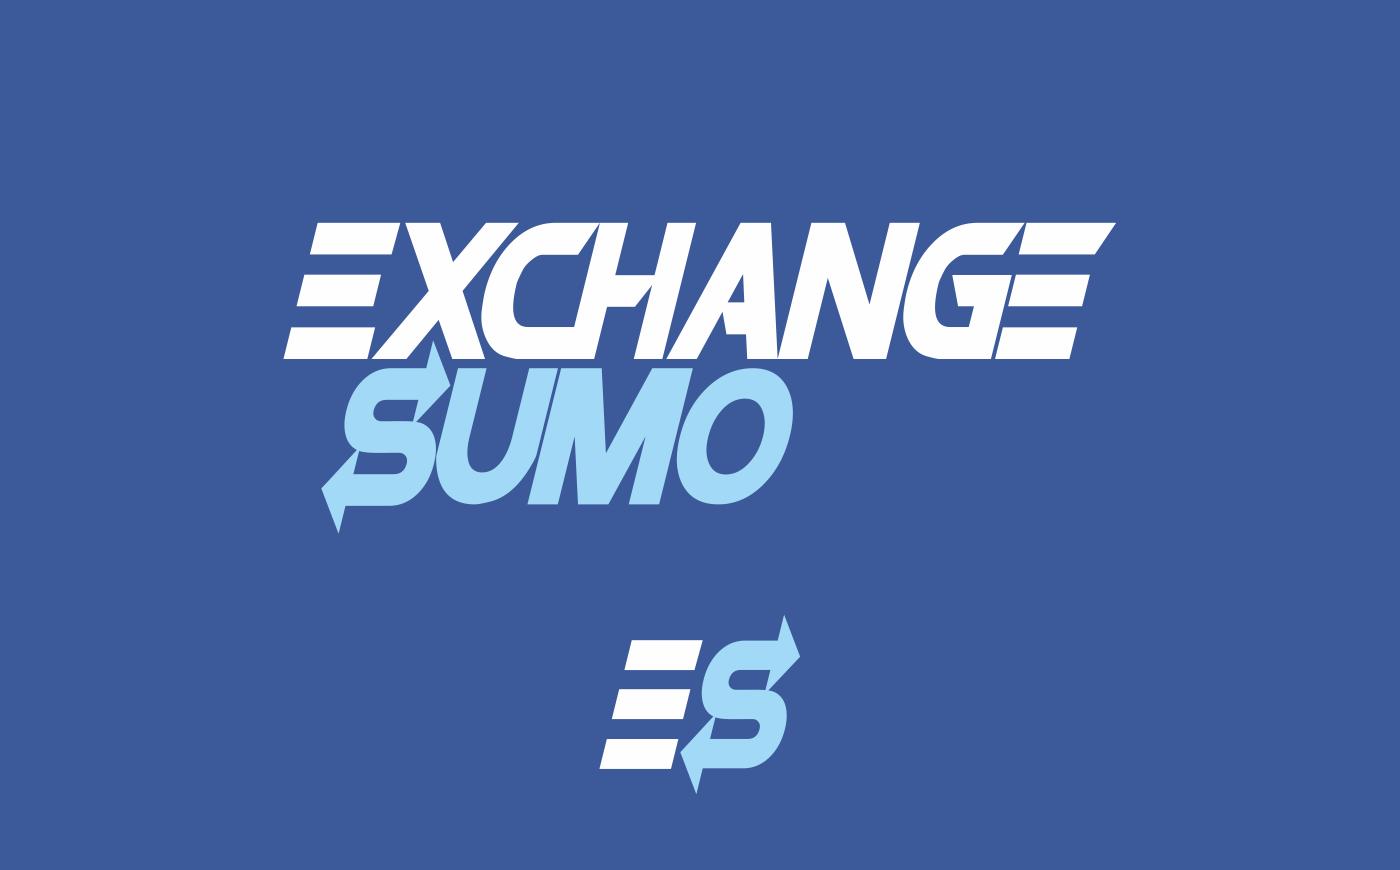 Логотип для мониторинга обменников фото f_6805bb20a724eaf1.png